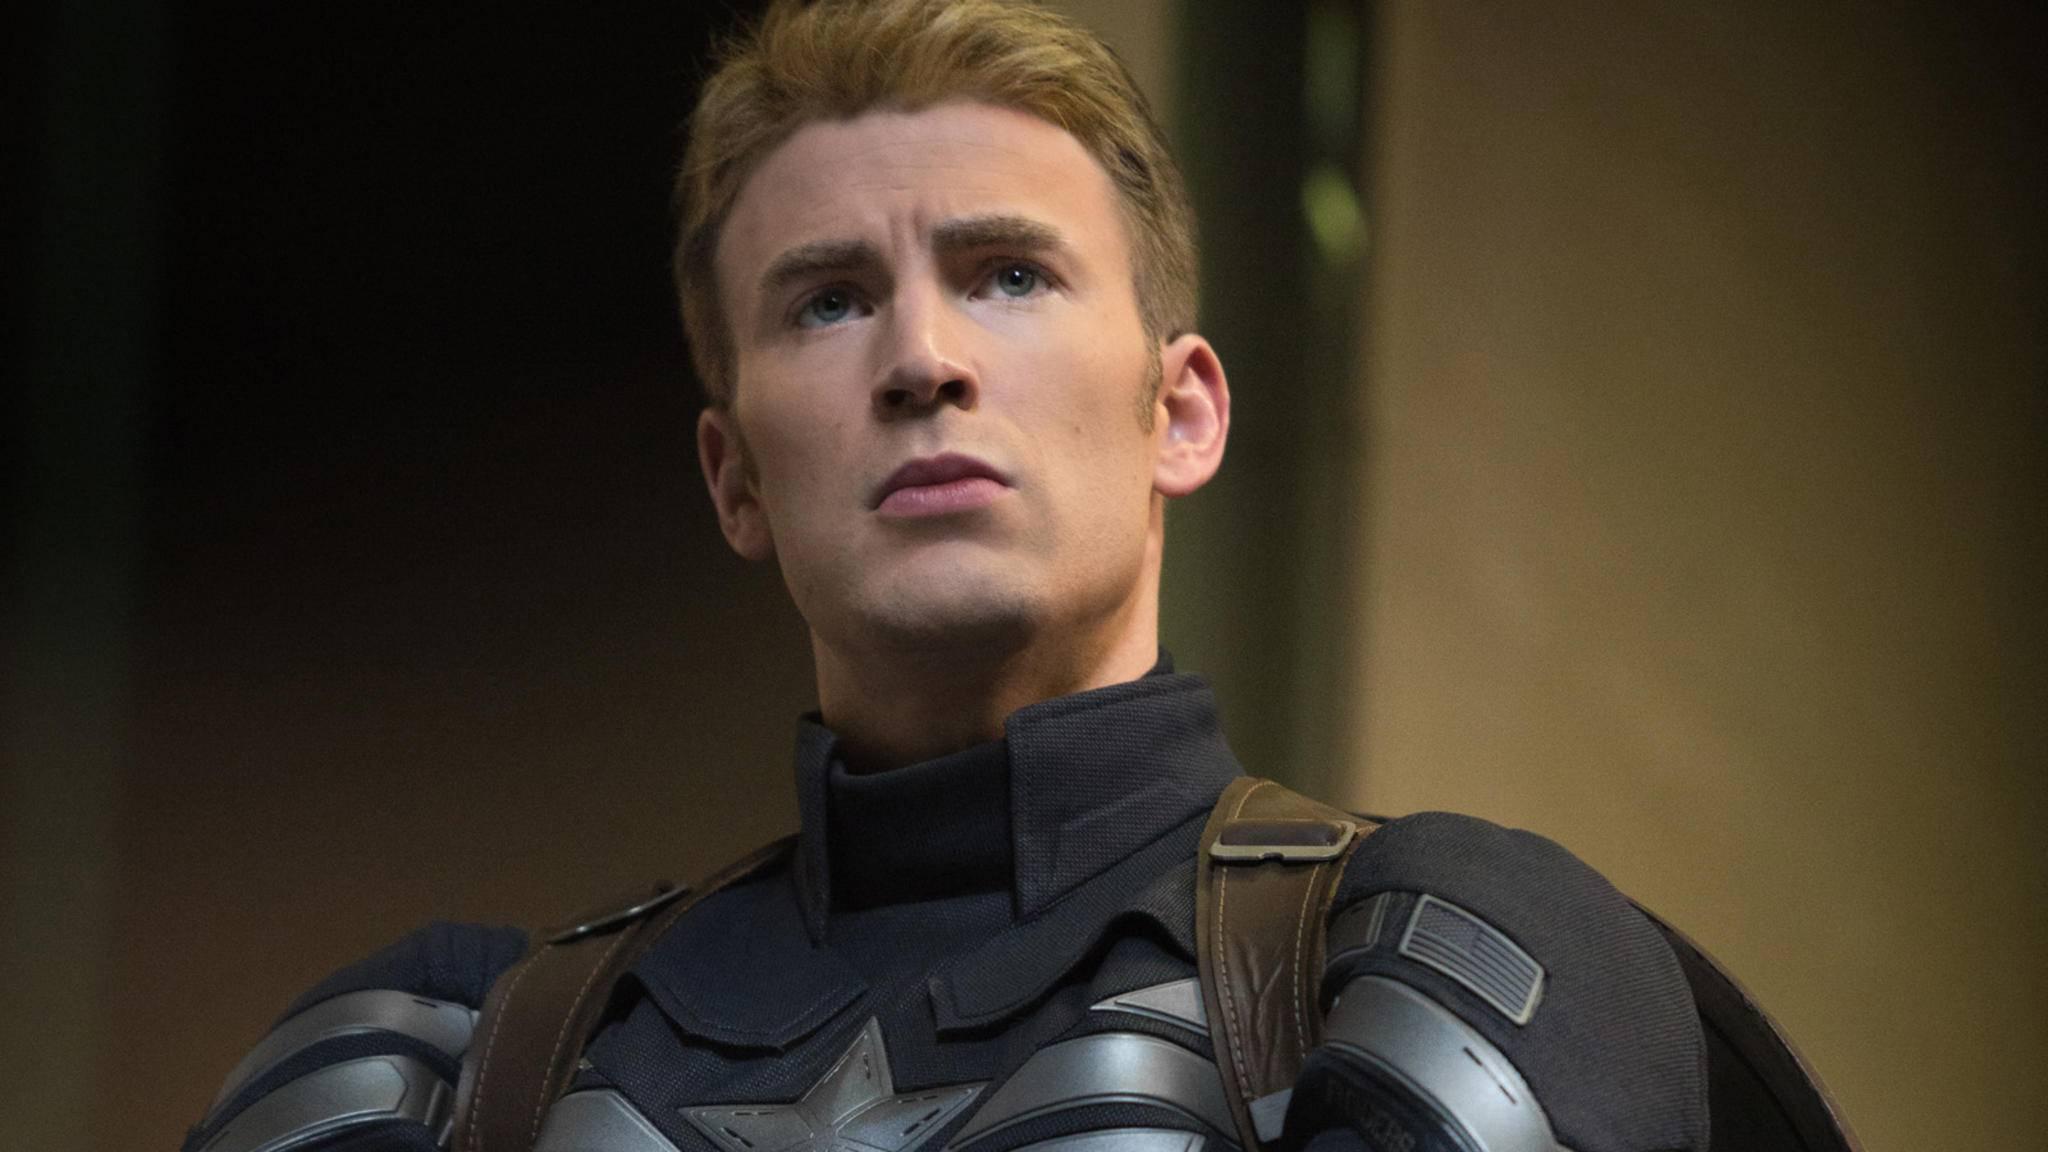 Einmal dürfen Fans Chris Evans noch als Captain America bewundern.